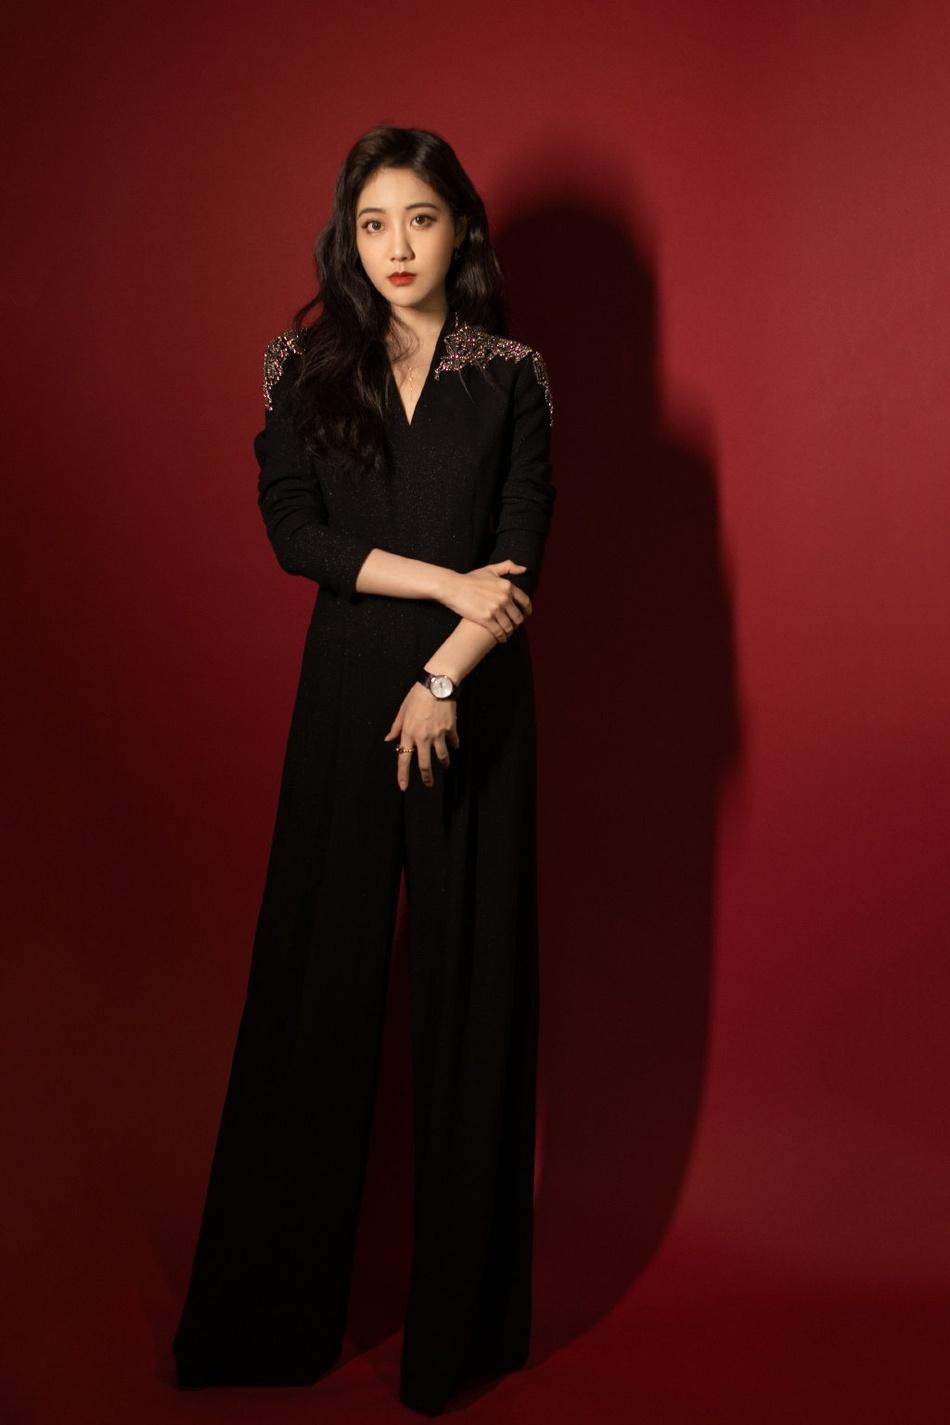 李艺彤红色背景下穿着黑色西装演出服写真图片